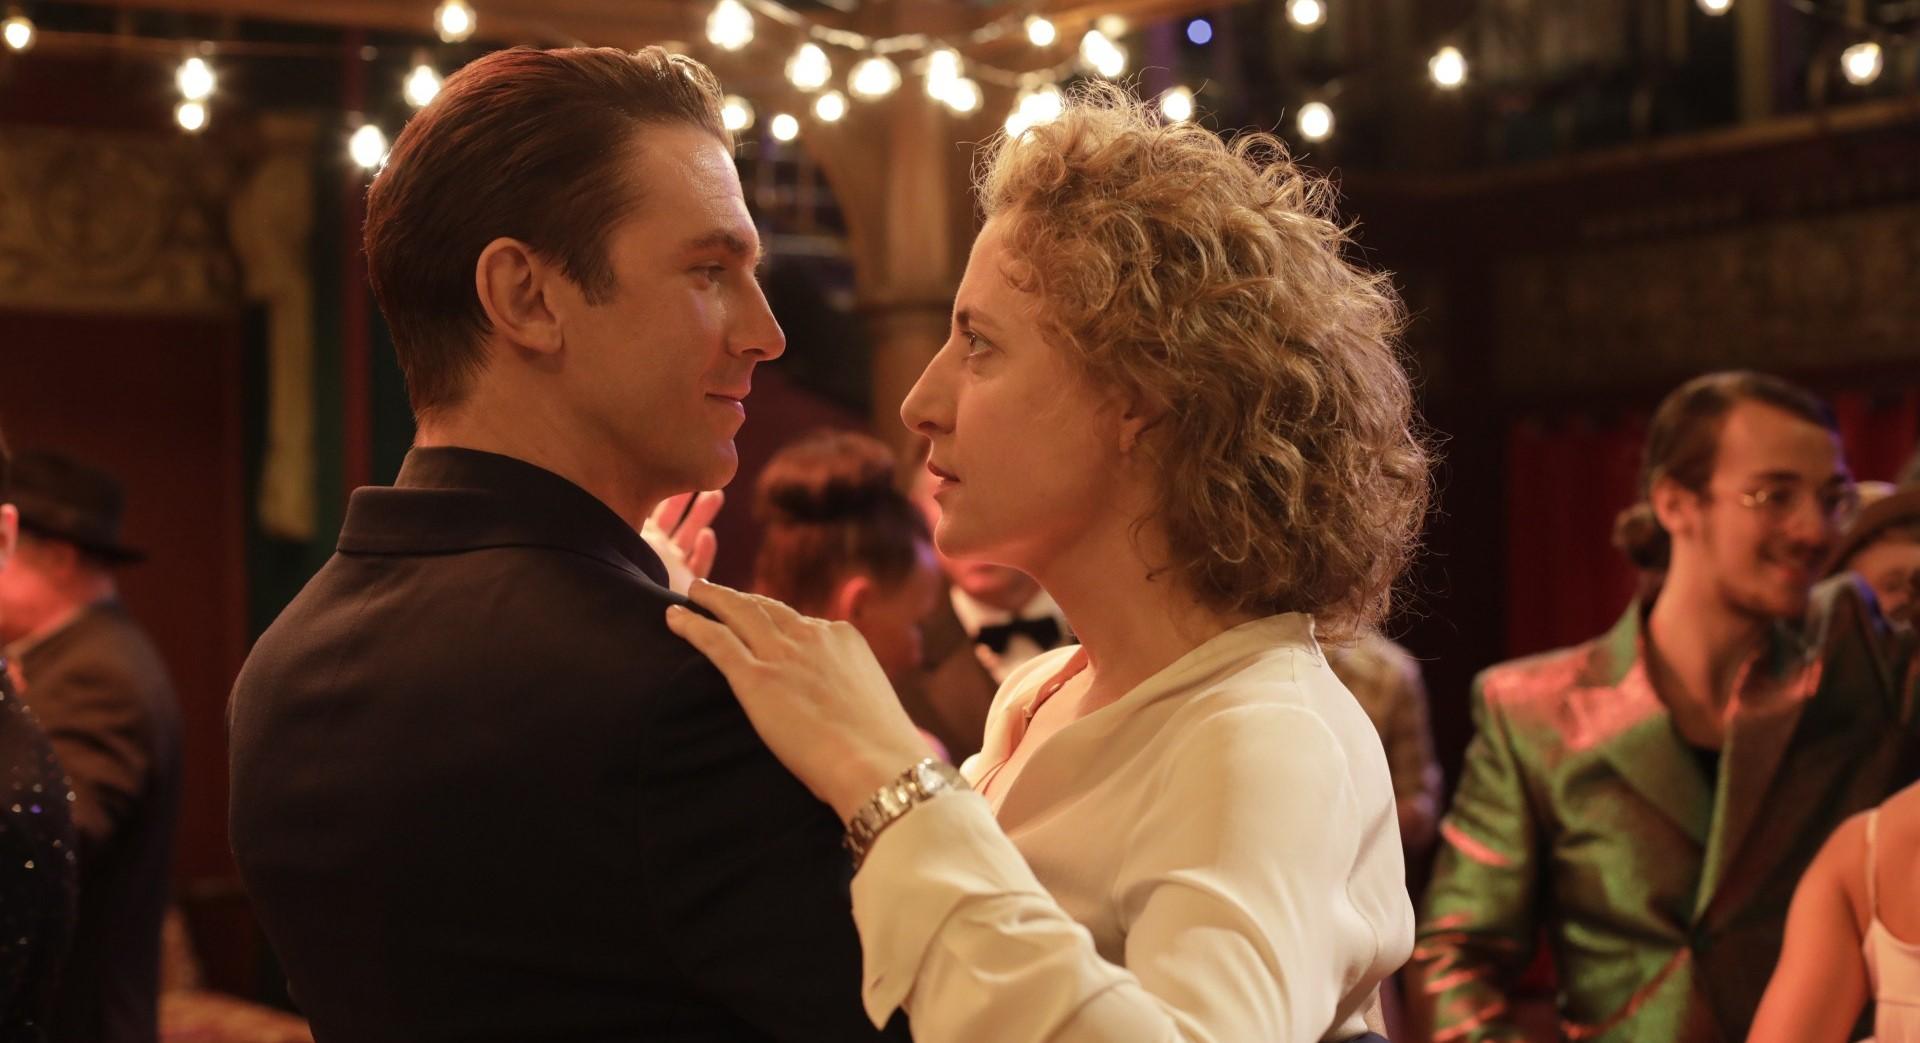 2021 legjobb filmjei: 20+2 romantikus film esti olvadozáshoz